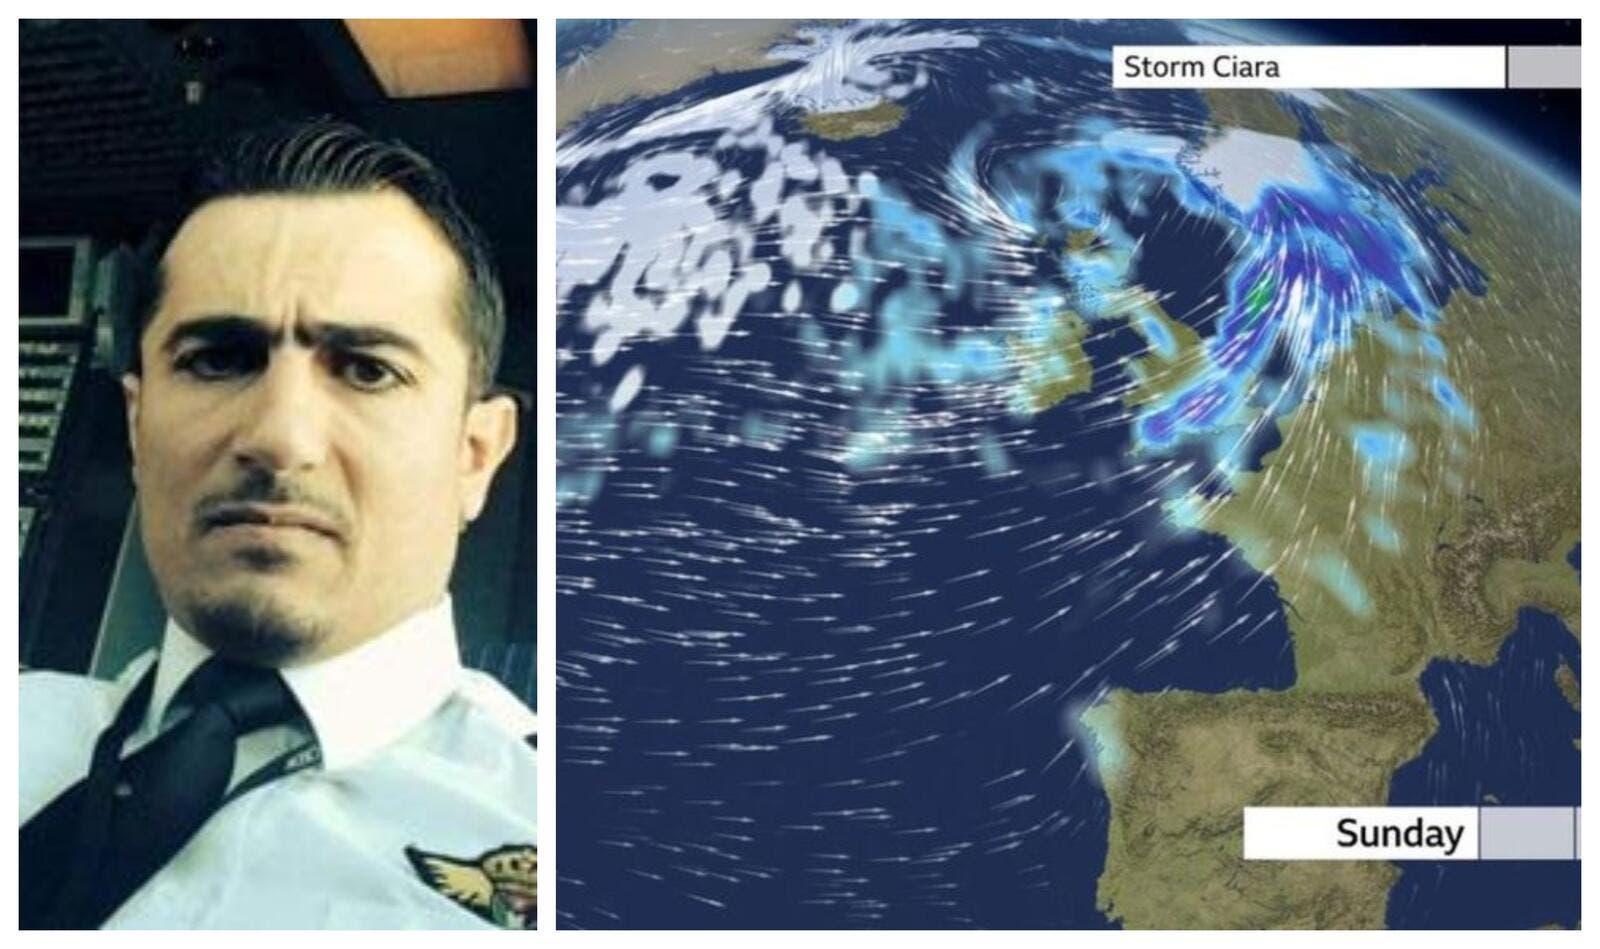 """""""شاهد"""" طيار الملكية الأردنية سيف التل فعل بطائرته ما عجز عنه 20 طياراً بسبب العاصفة سيارا"""